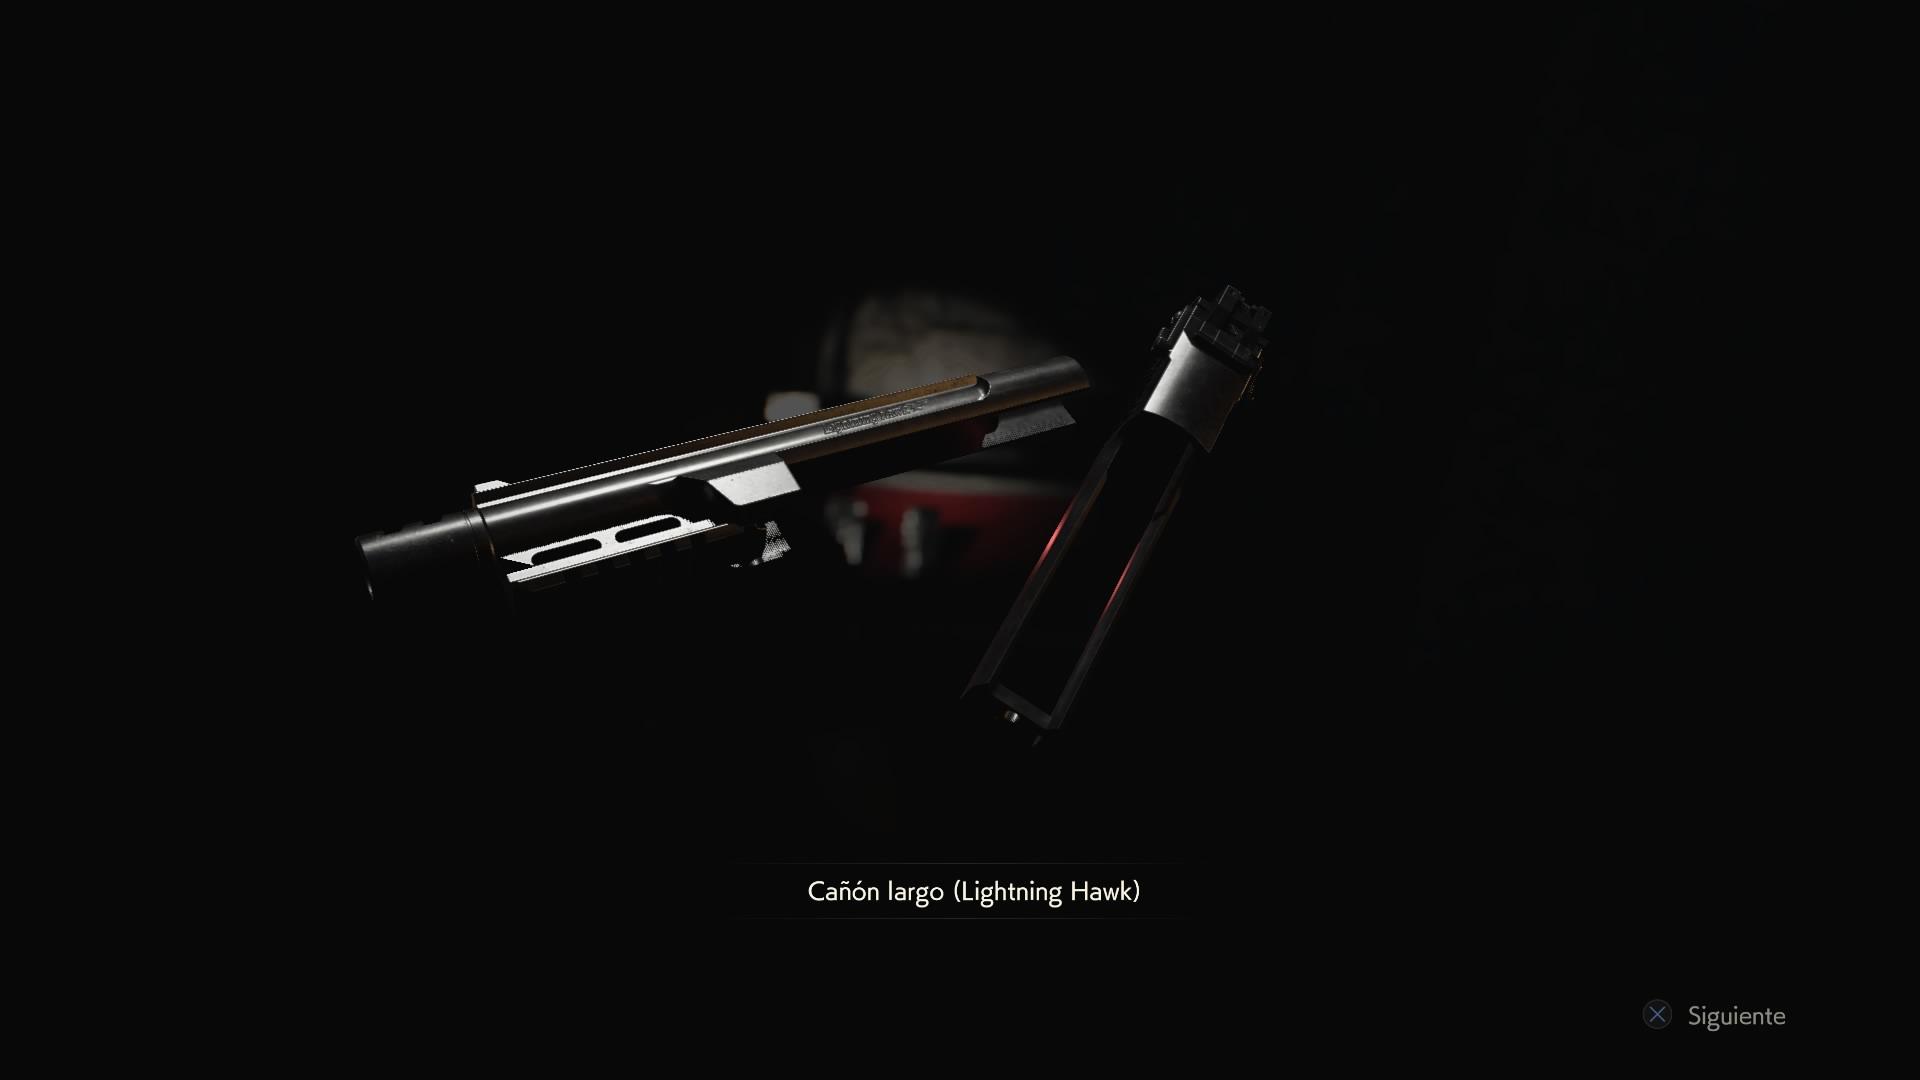 Cañón largo (Lightning Hawk)